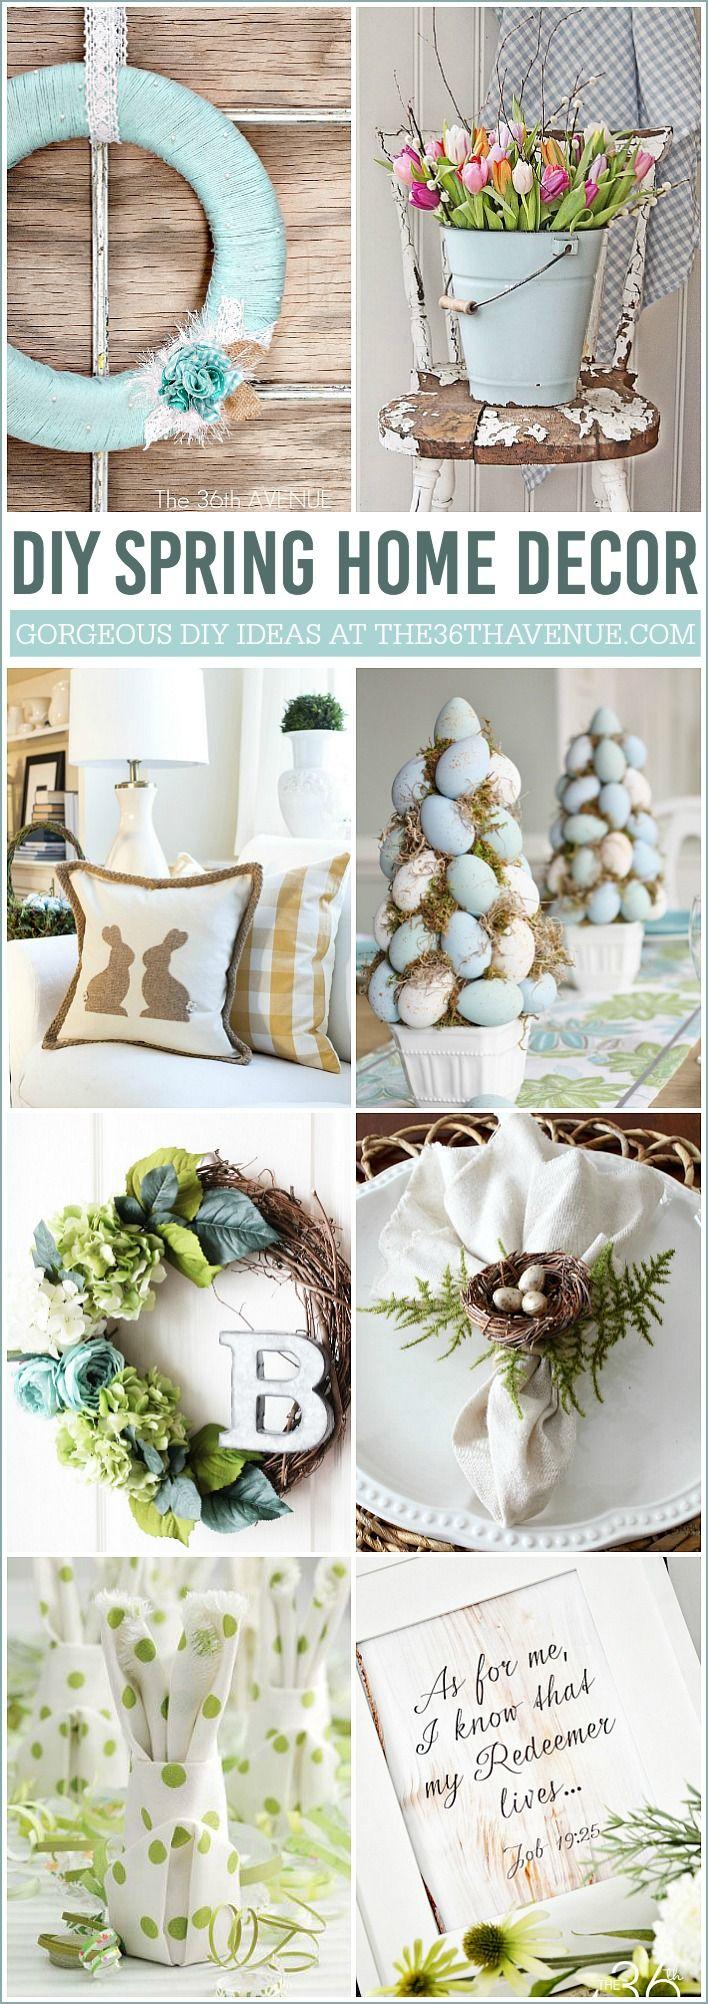 DIY Easter Home Decor Ideas   Beautiful Spring Home Decor Ideas That You  Can Make At Home! / Ideen Für Dekorationen Zum Selbstmachen Für Frühling  Und Ostern